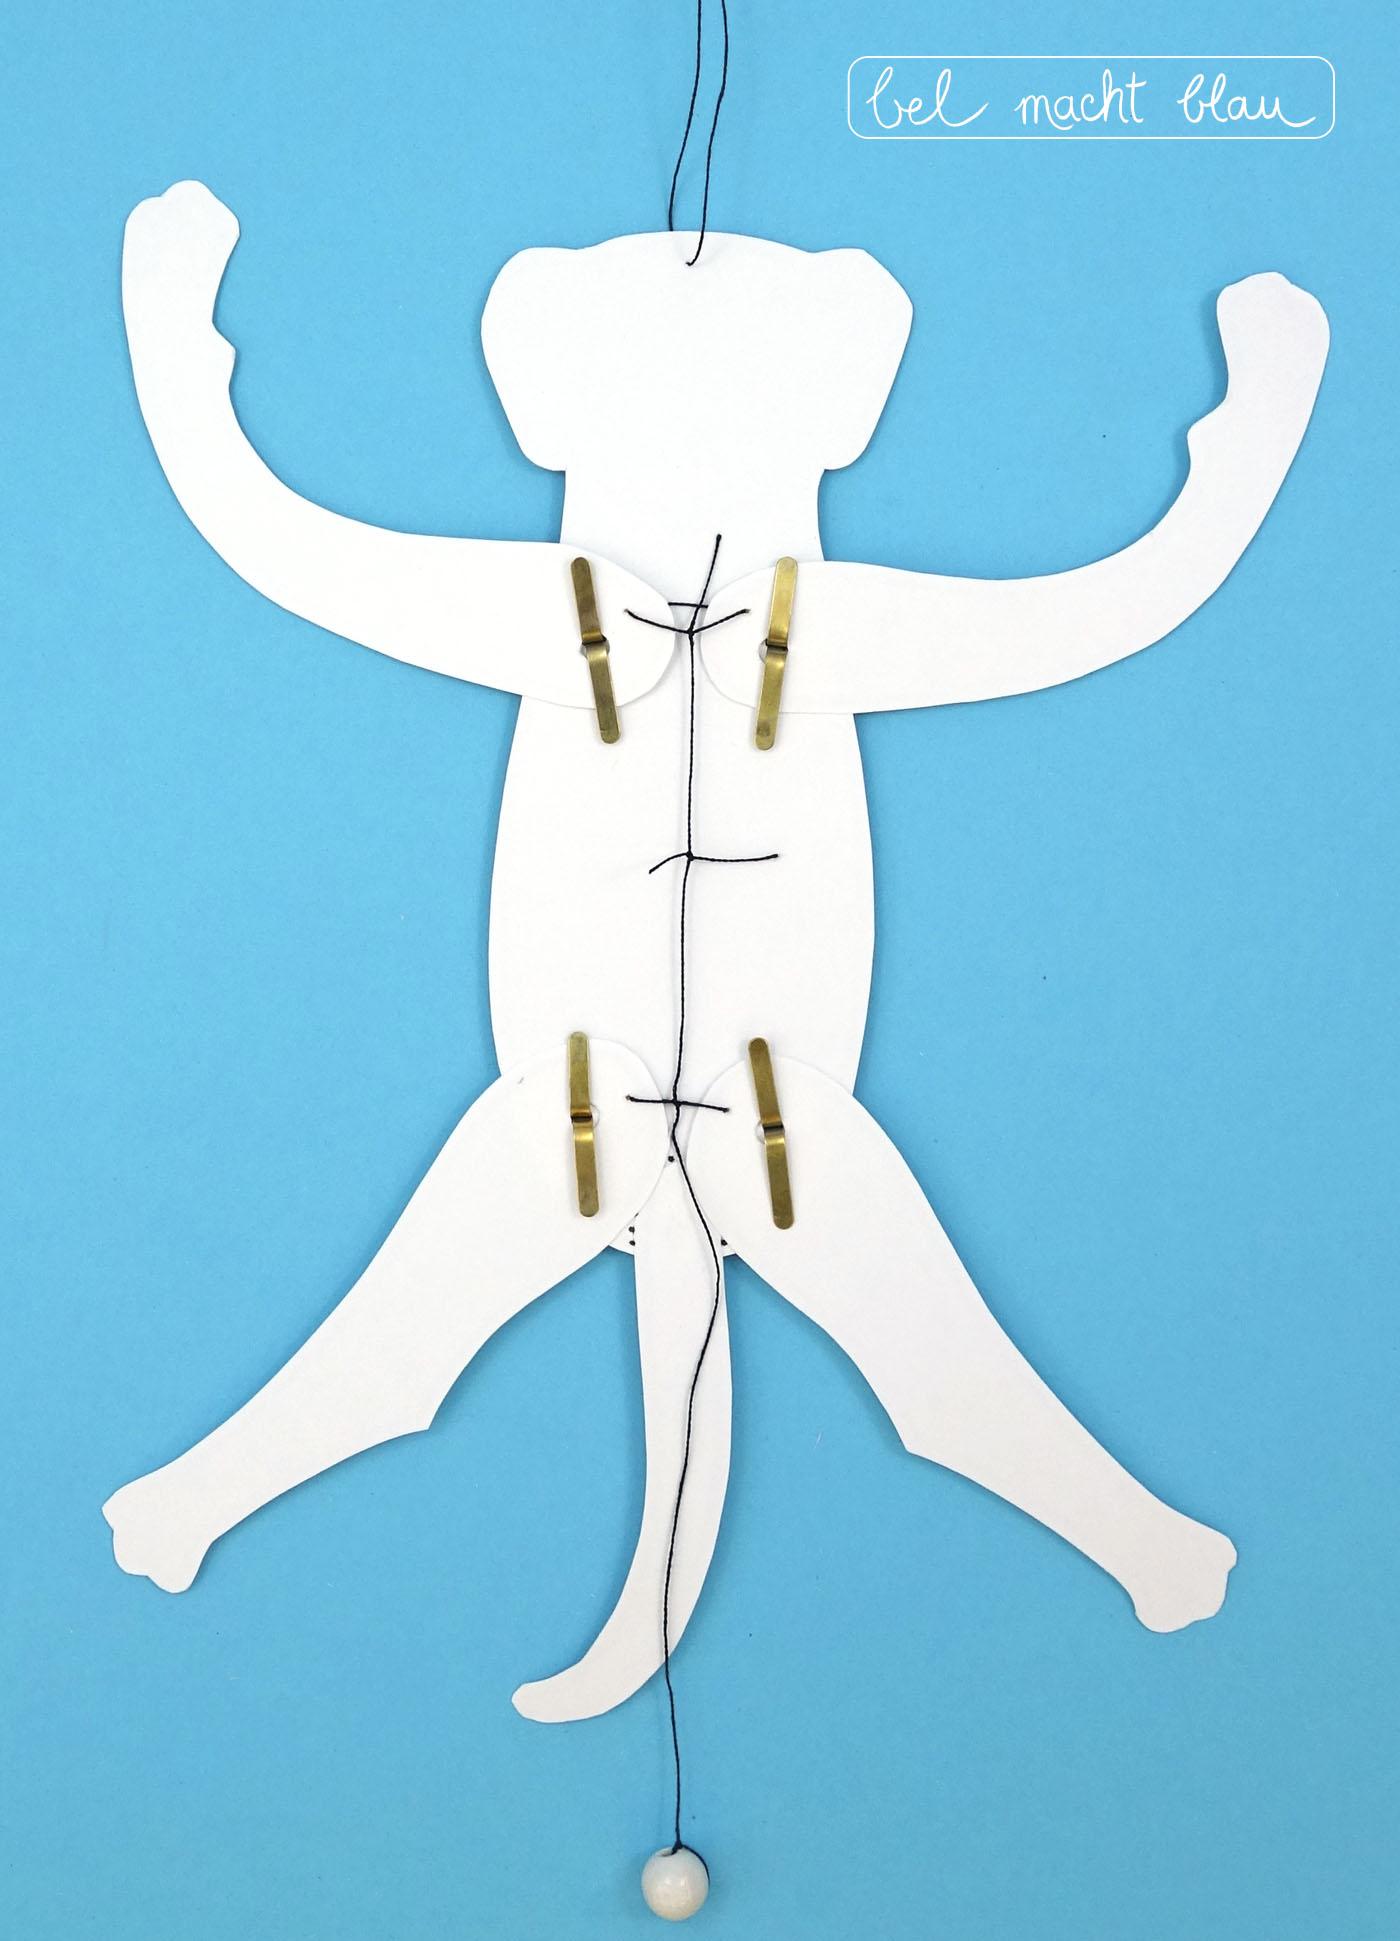 Verknote die Arme und Beine.